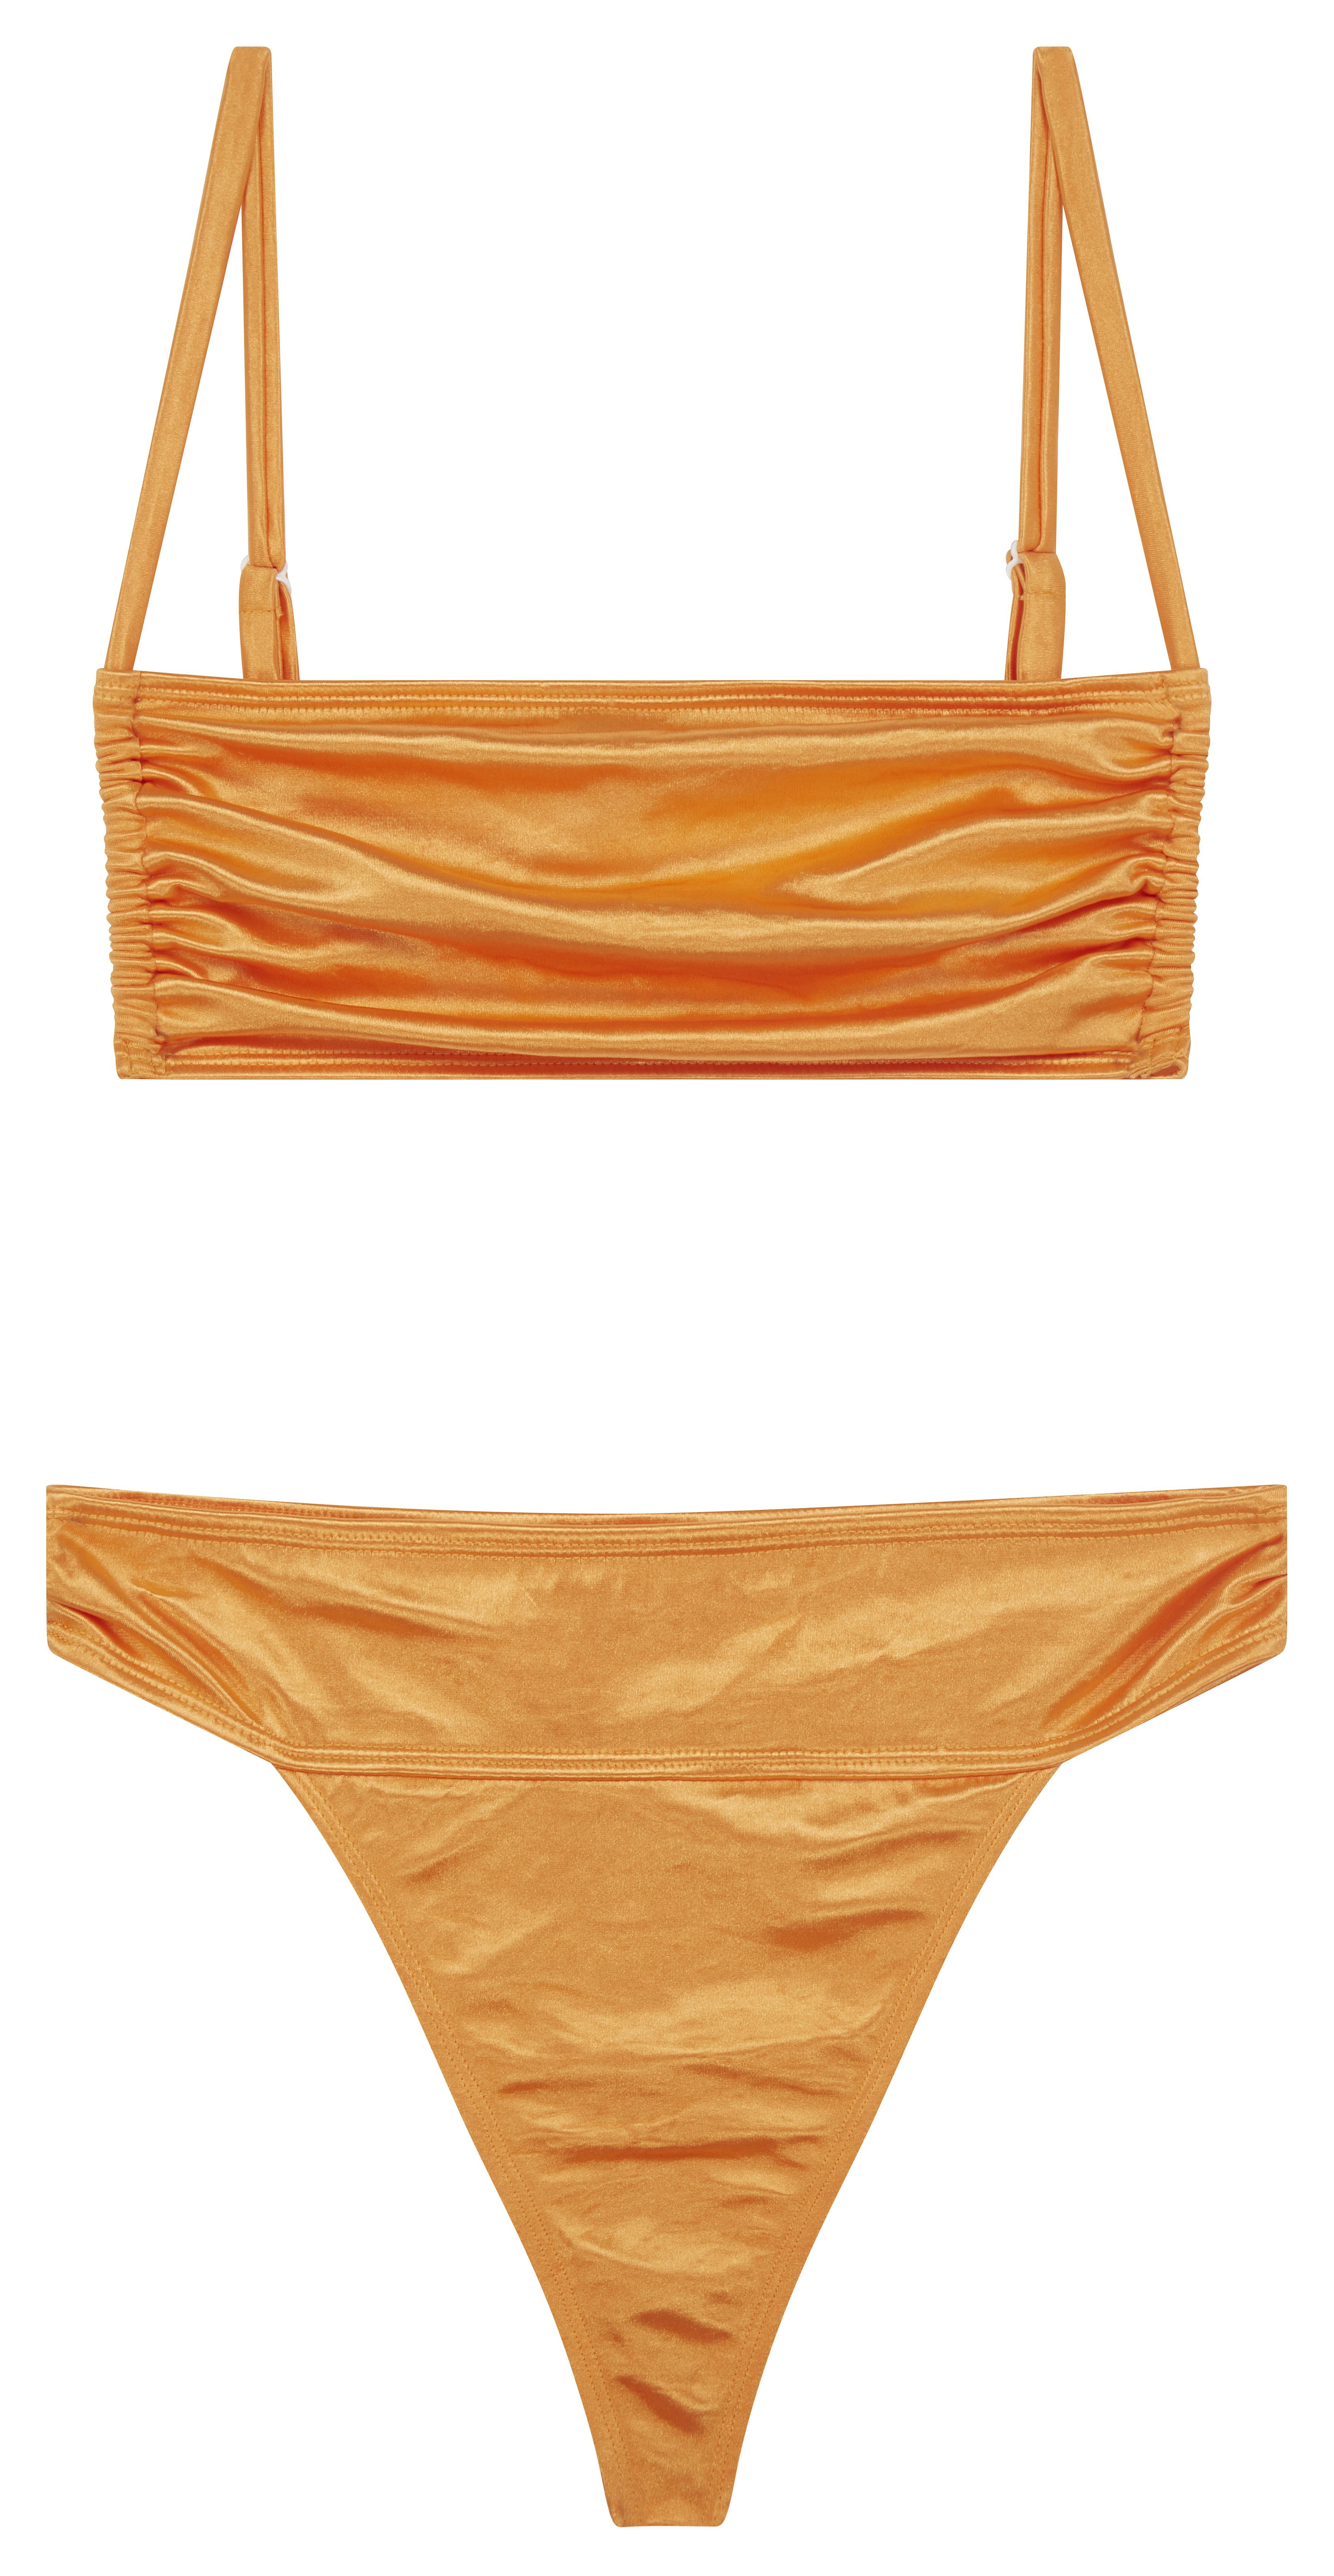 Bikini plisado con escote cuadrado de satén efecto espejo naranja